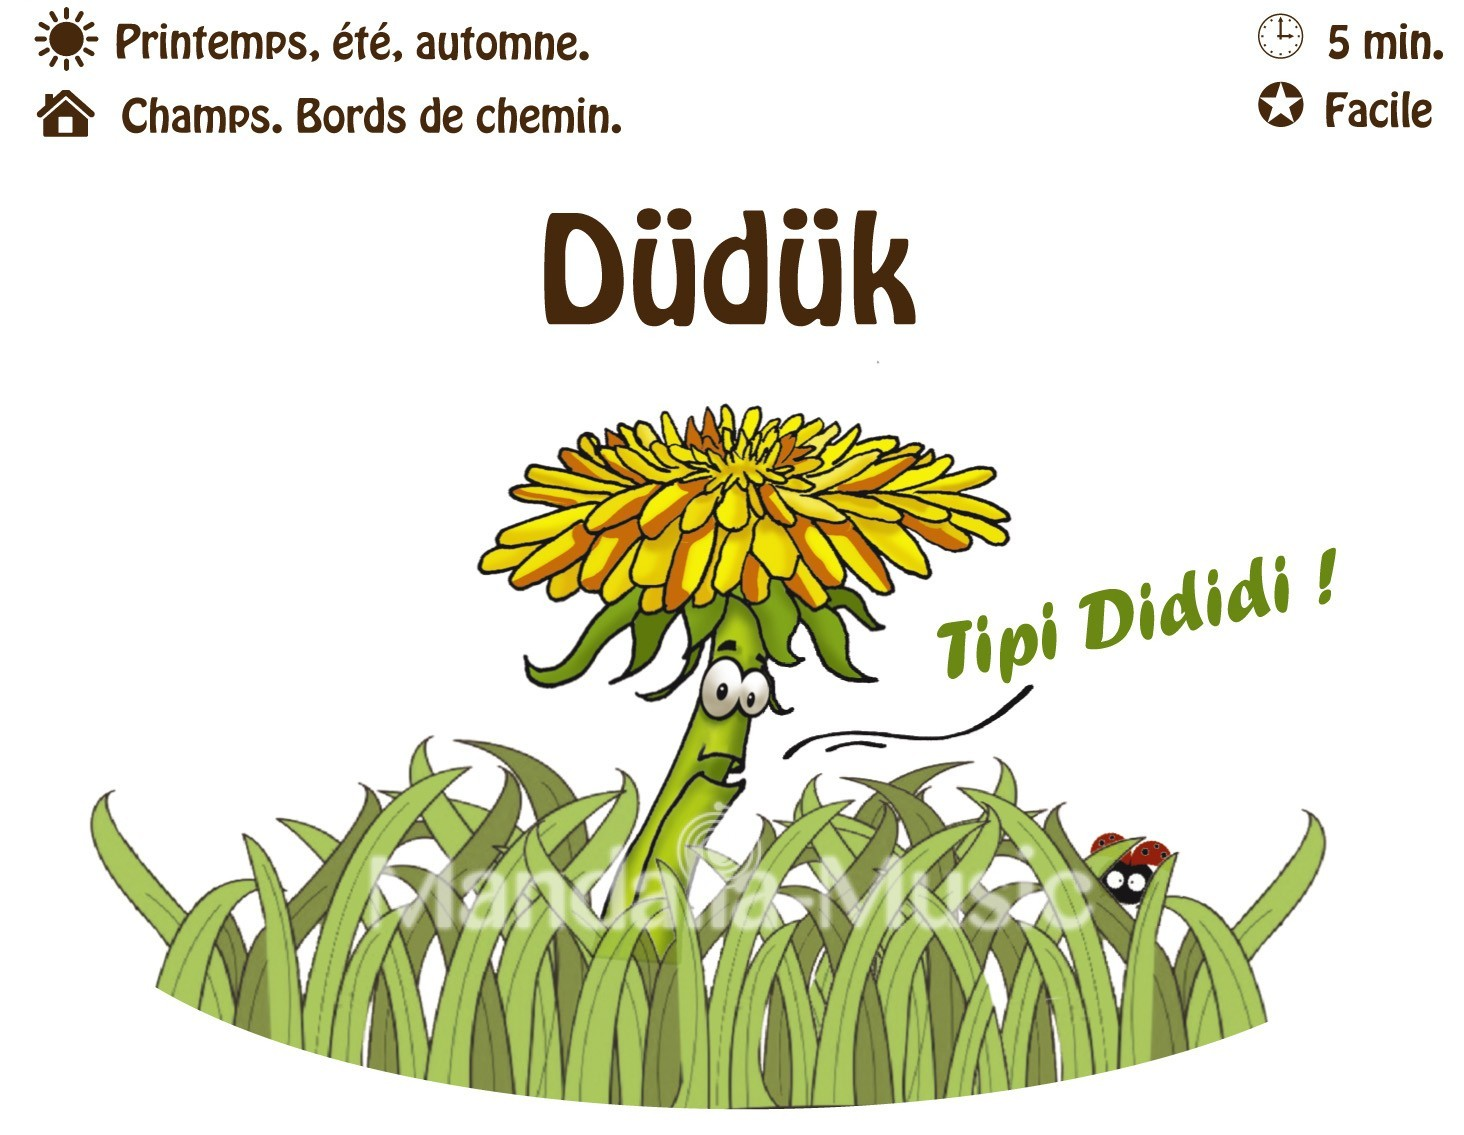 DUDUK : Le pissenlit hautbois (Flutin des bois)